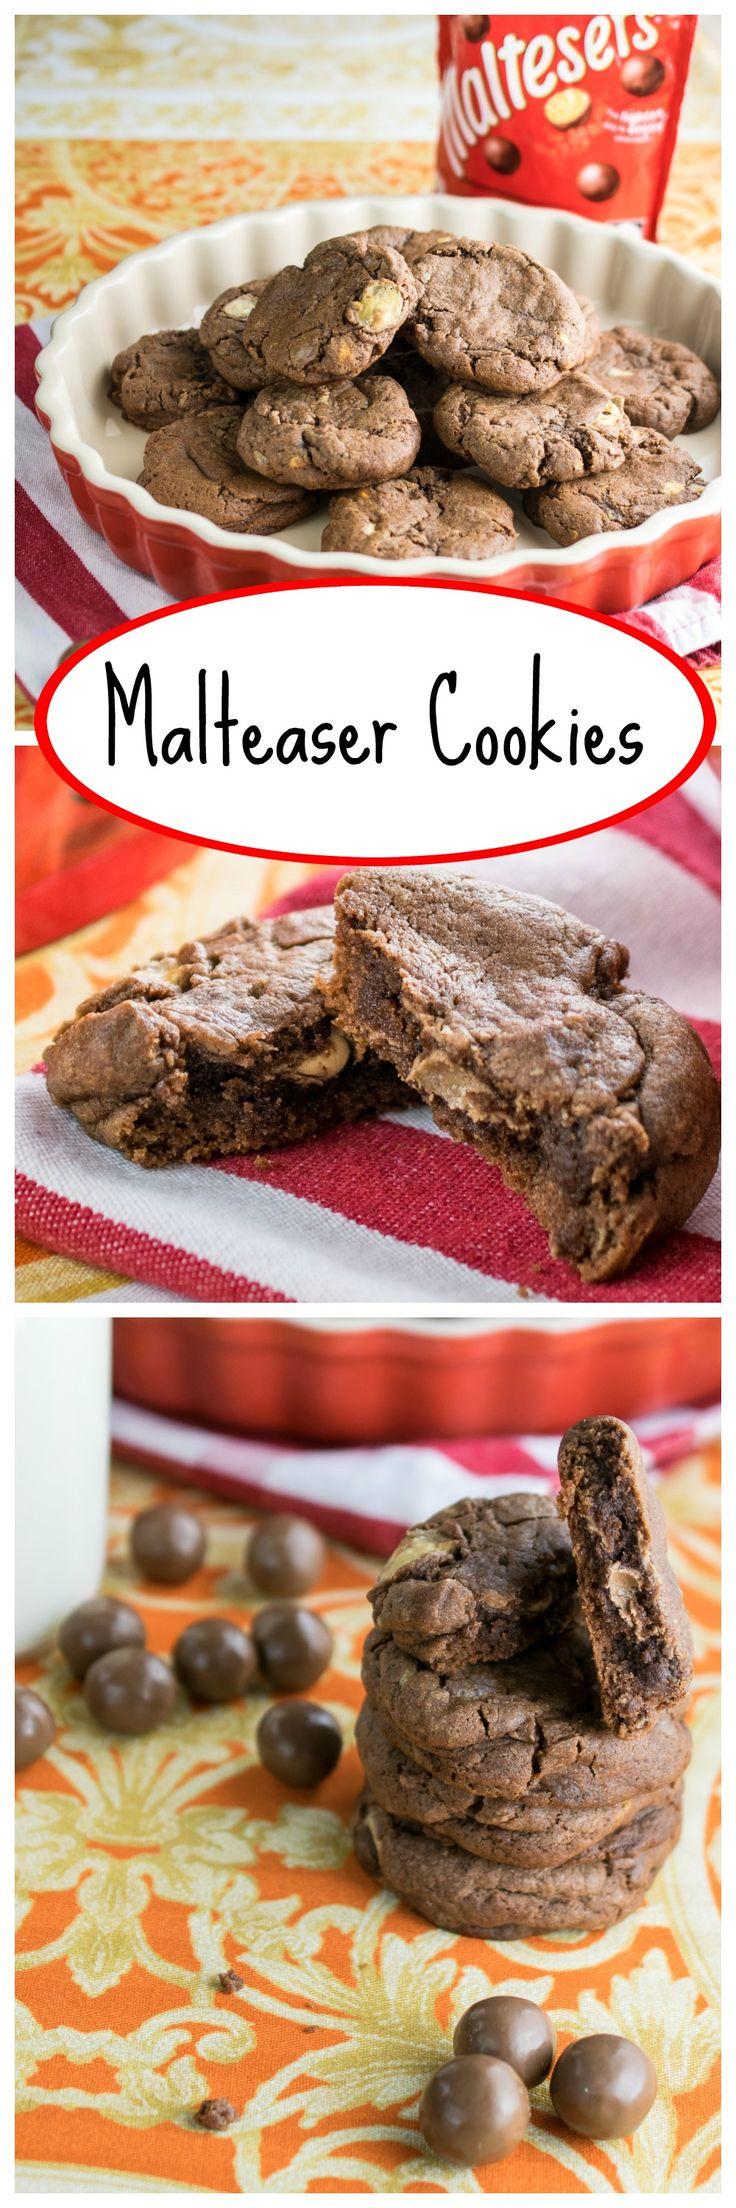 Malteaser Cookies